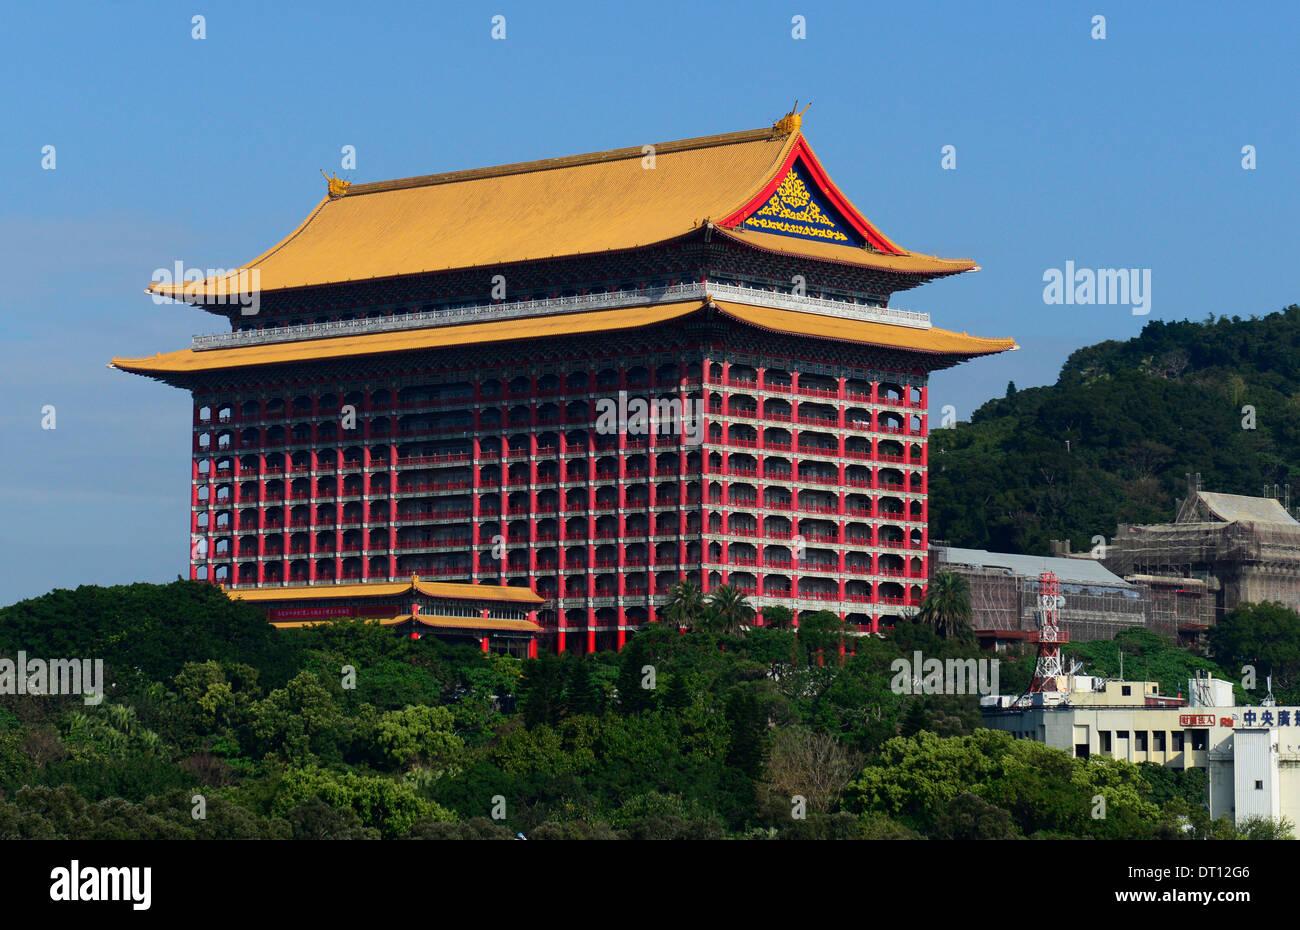 The Grand Hotel In Taipei Taiwan